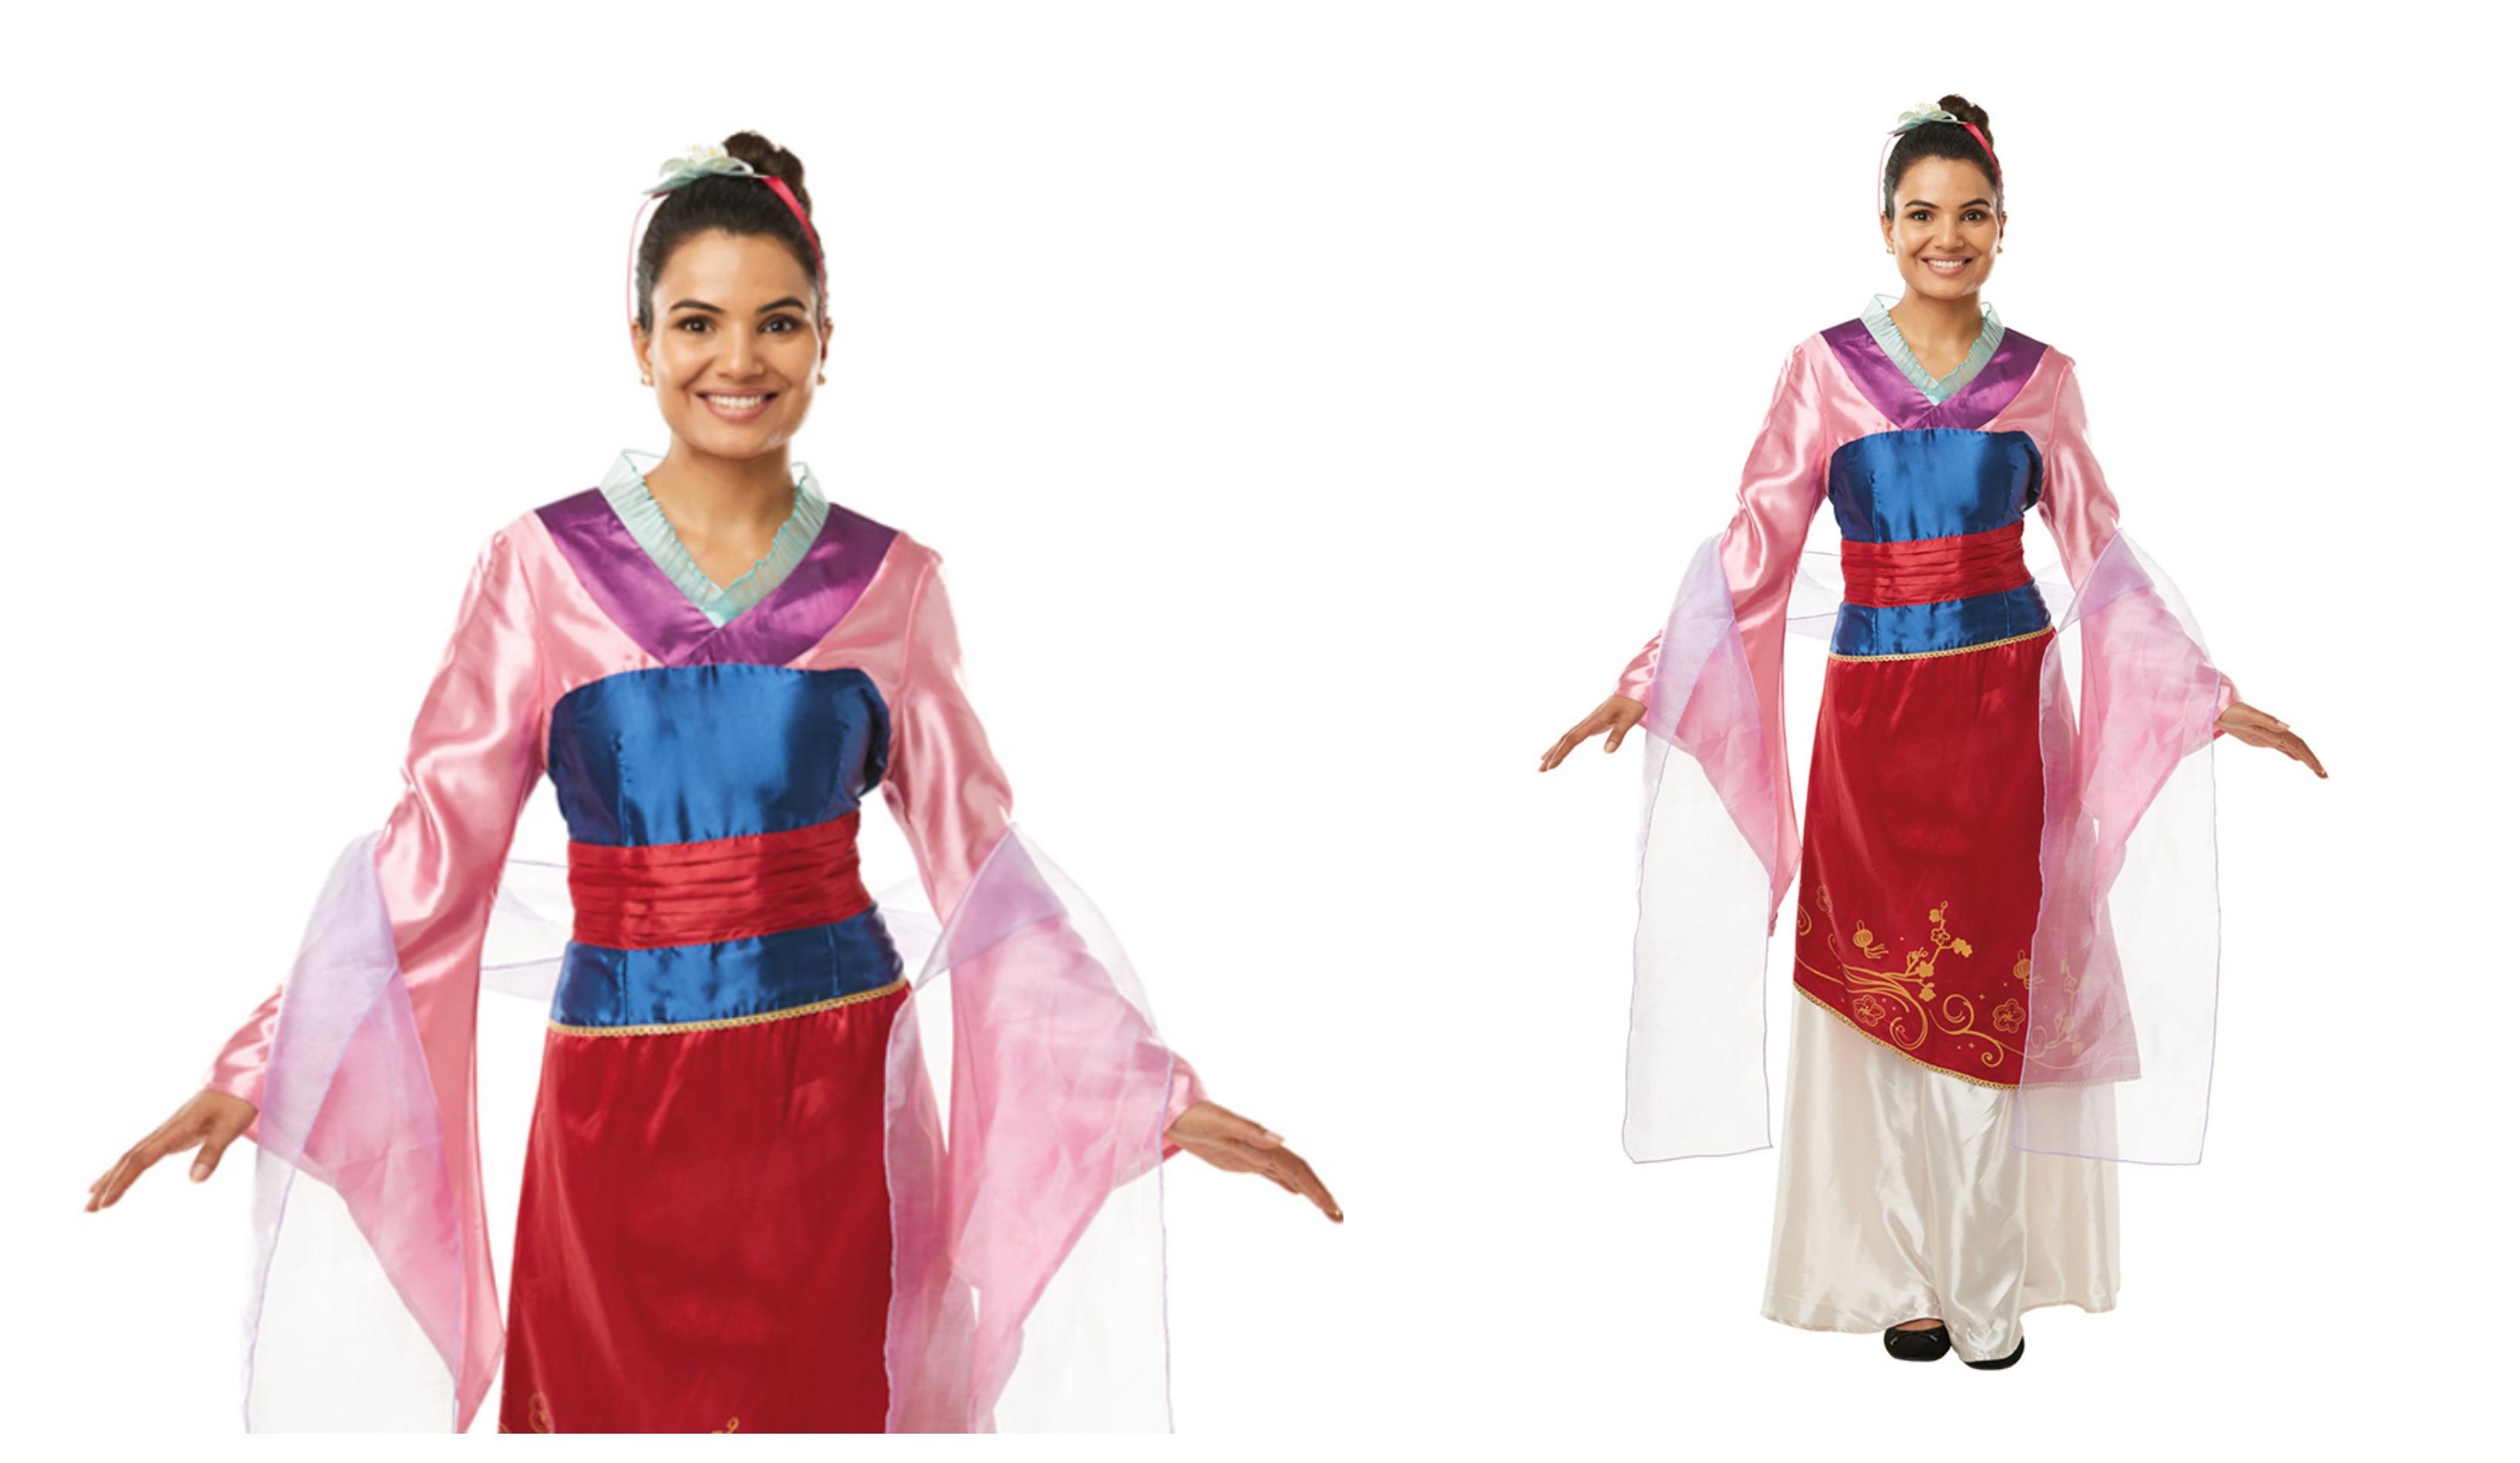 mulan kostume til voksne, mulan udklædning til voksne, mulan tøj til voksne, disney voksenkostumer, disney kostumer til voksne, mulan voksenkostumer, disney prinsesse kostume til voksne, mulan fastelavnskostume til voksne, geisha kostume til voksne